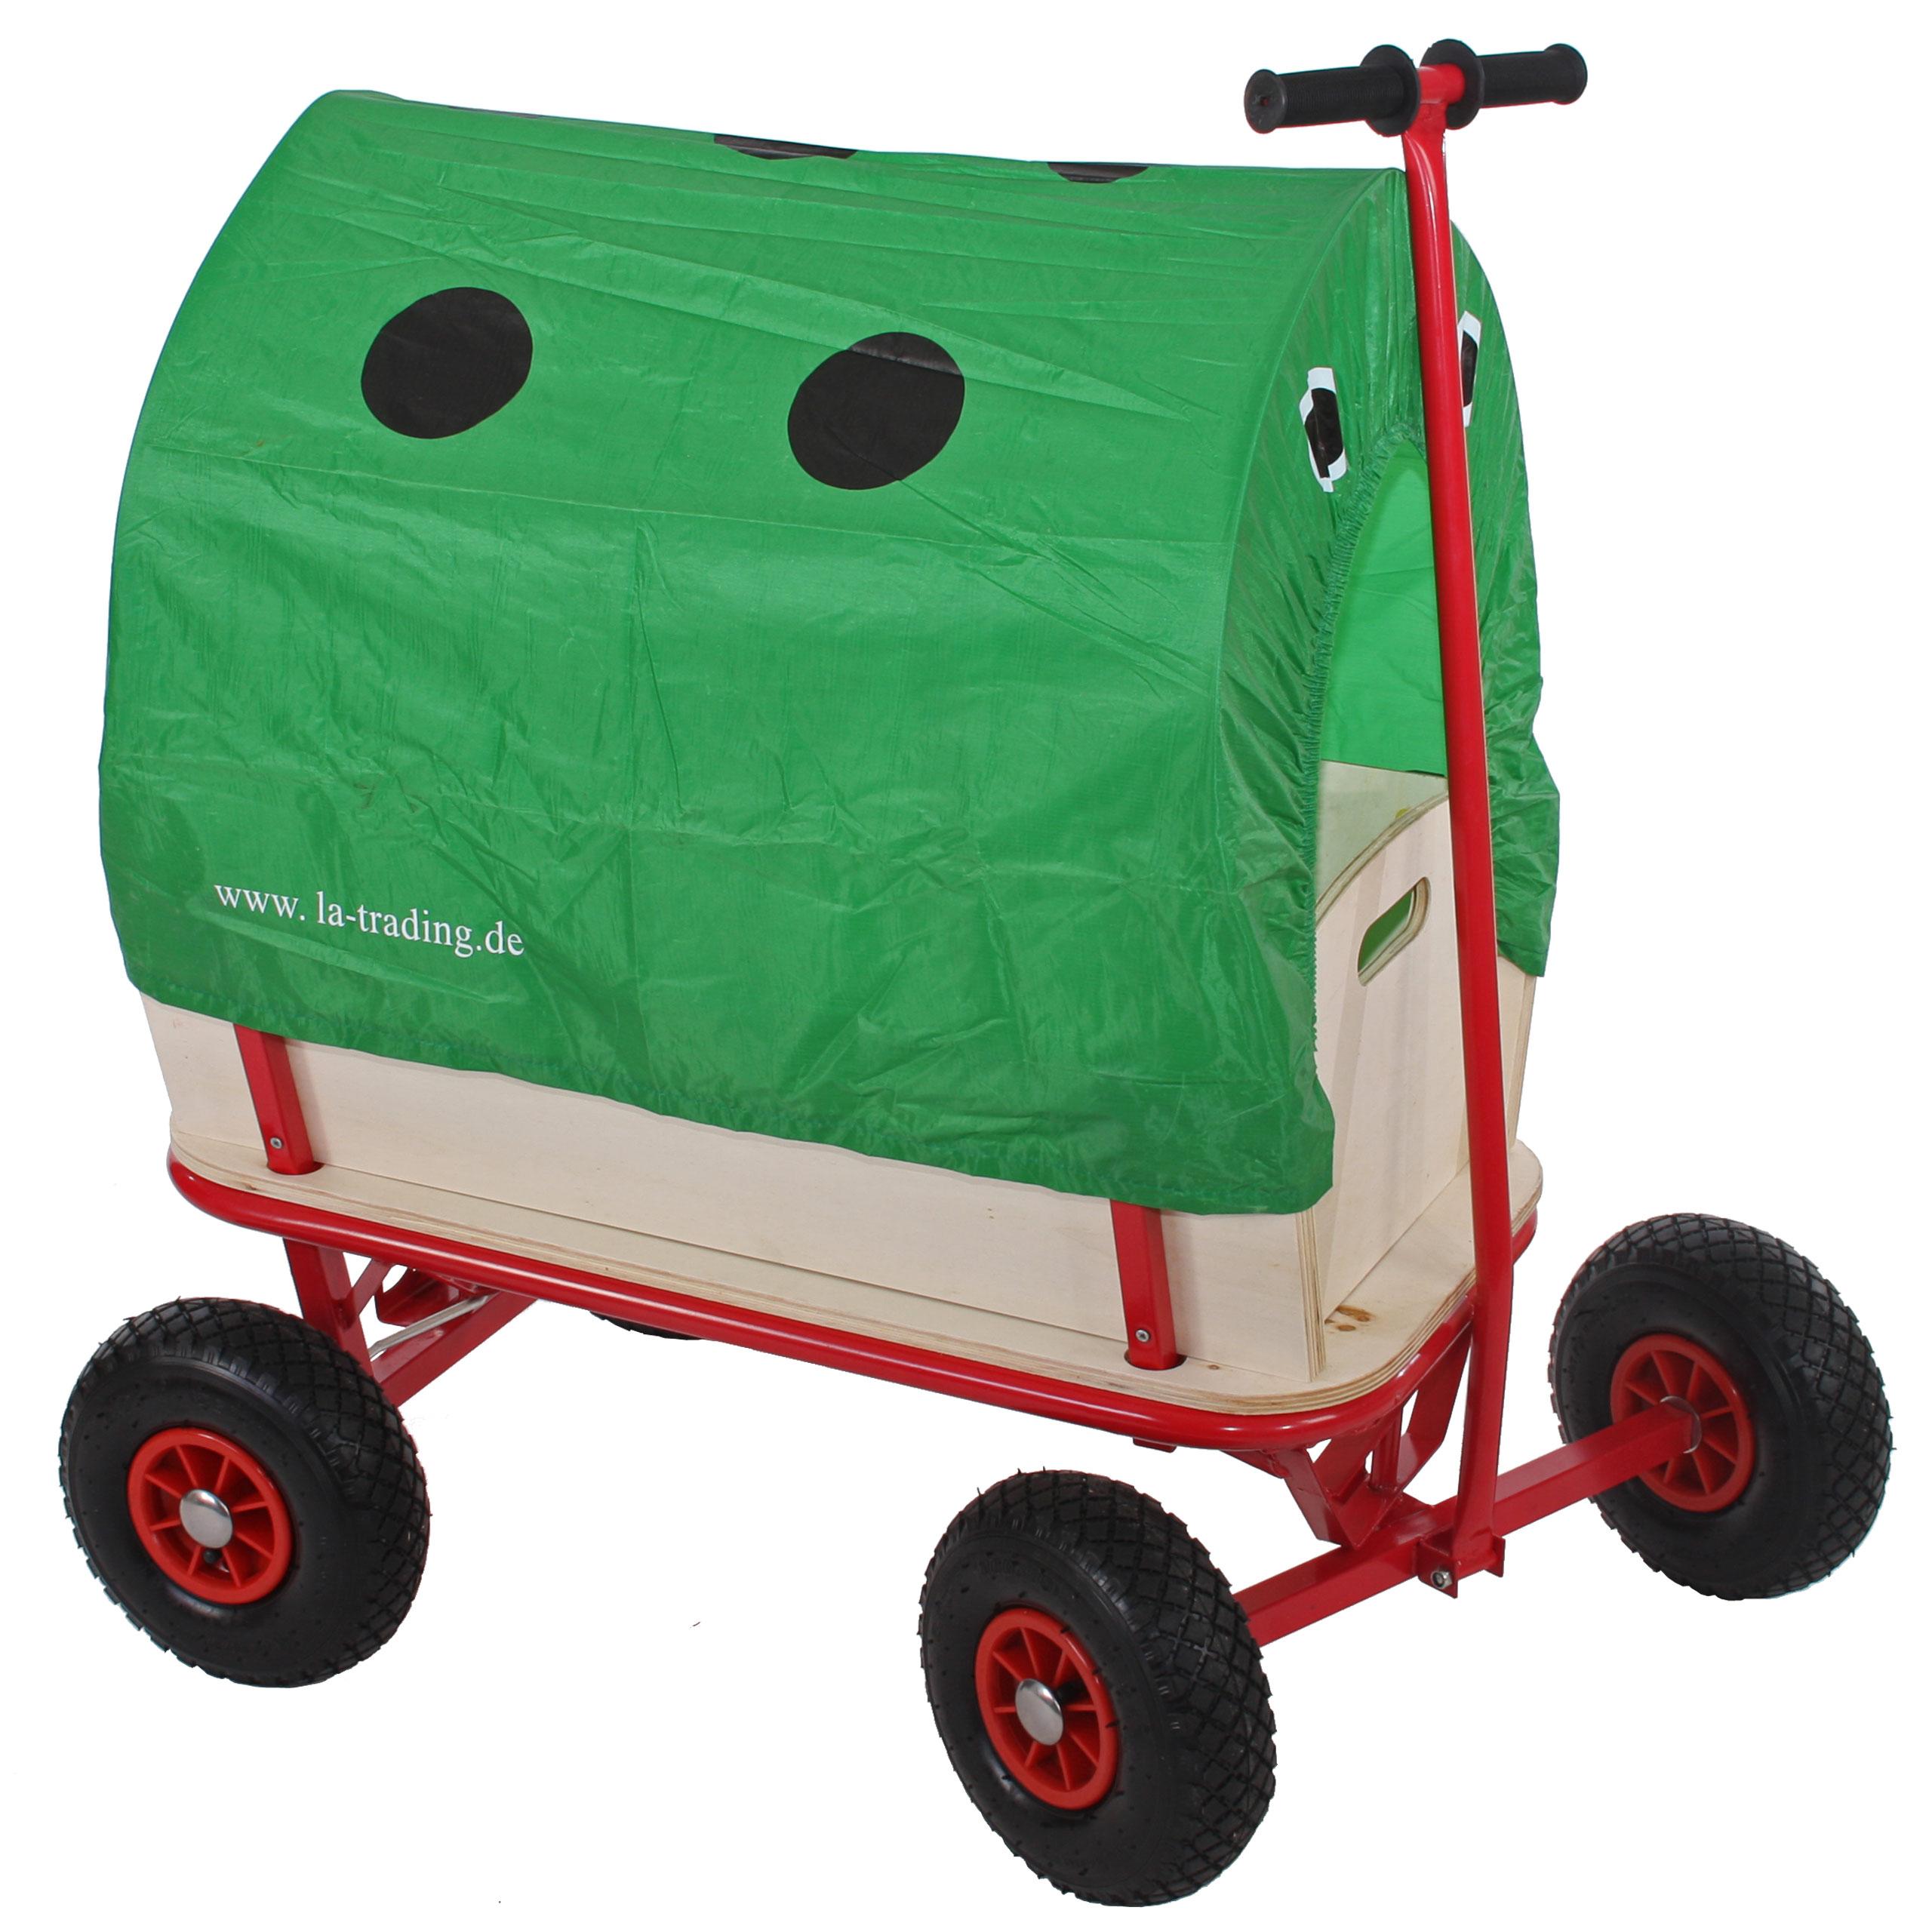 bollerwagen handwagen oliveira optional mit dach motive sitz und bremse ebay. Black Bedroom Furniture Sets. Home Design Ideas